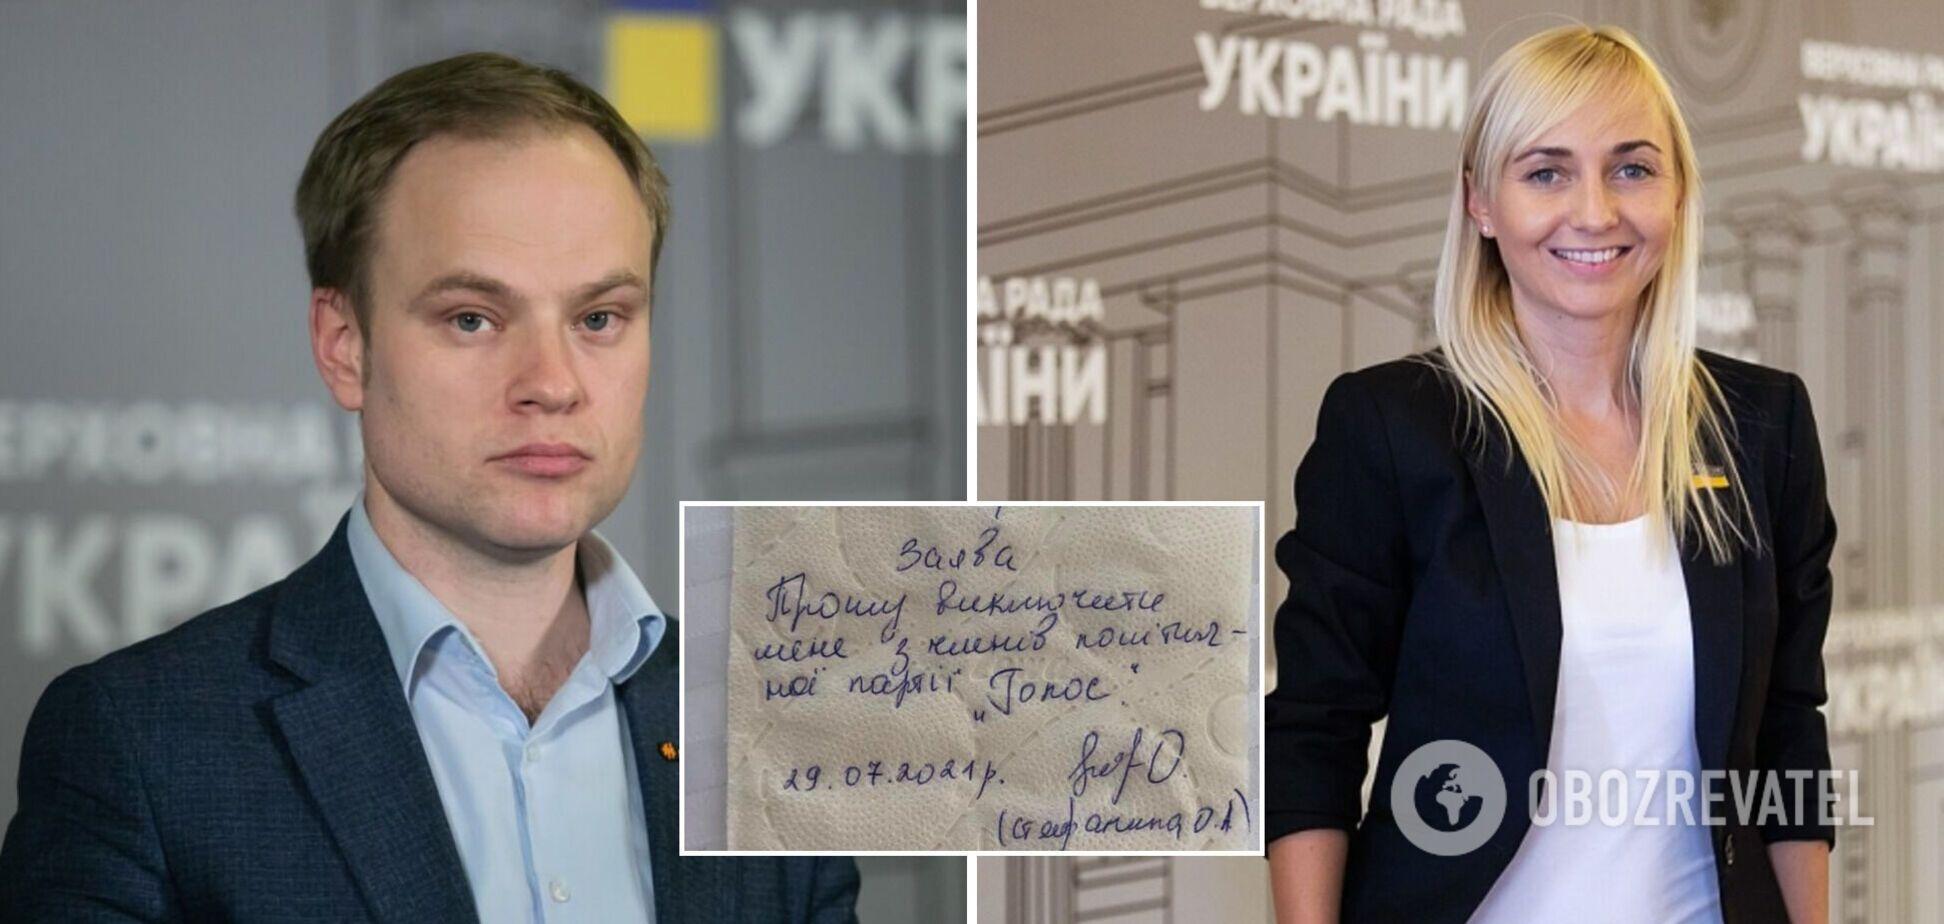 Трое депутатов 'Голоса' выходят из партии, Стефанишина под вопросом: реакция руководства